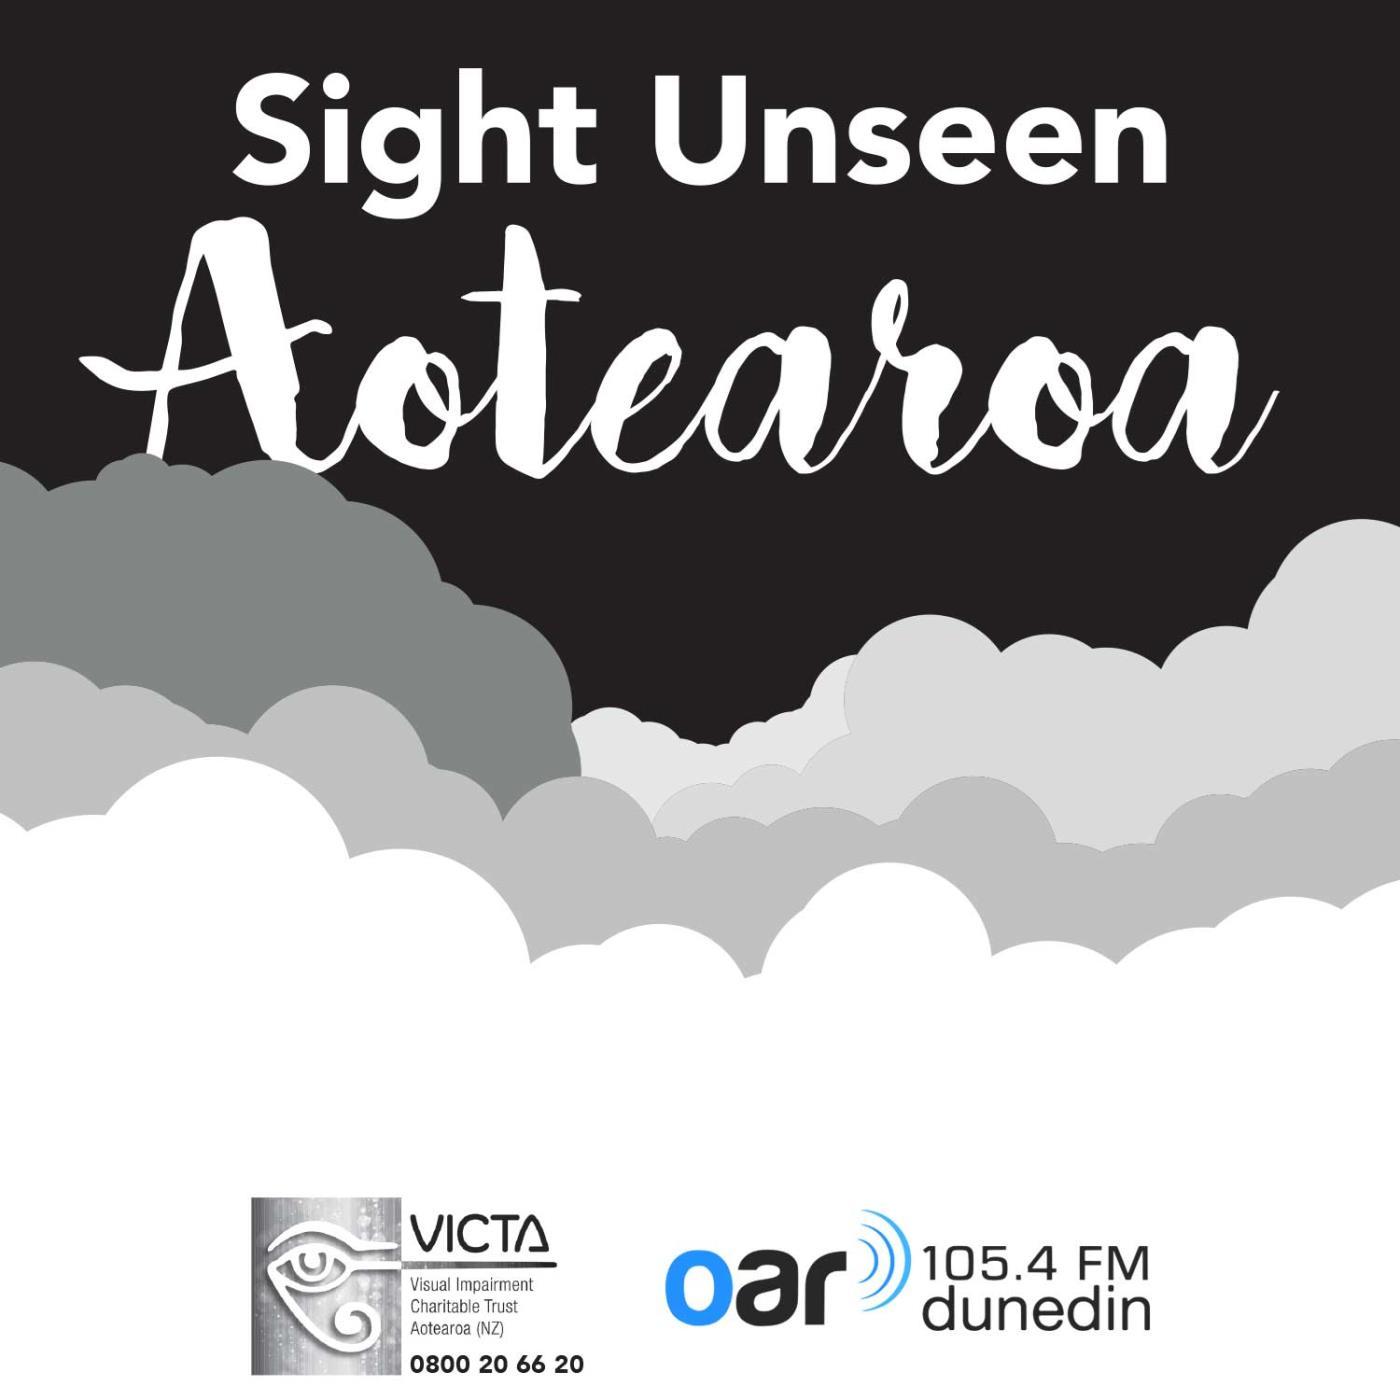 Sight Unseen Aotearoa